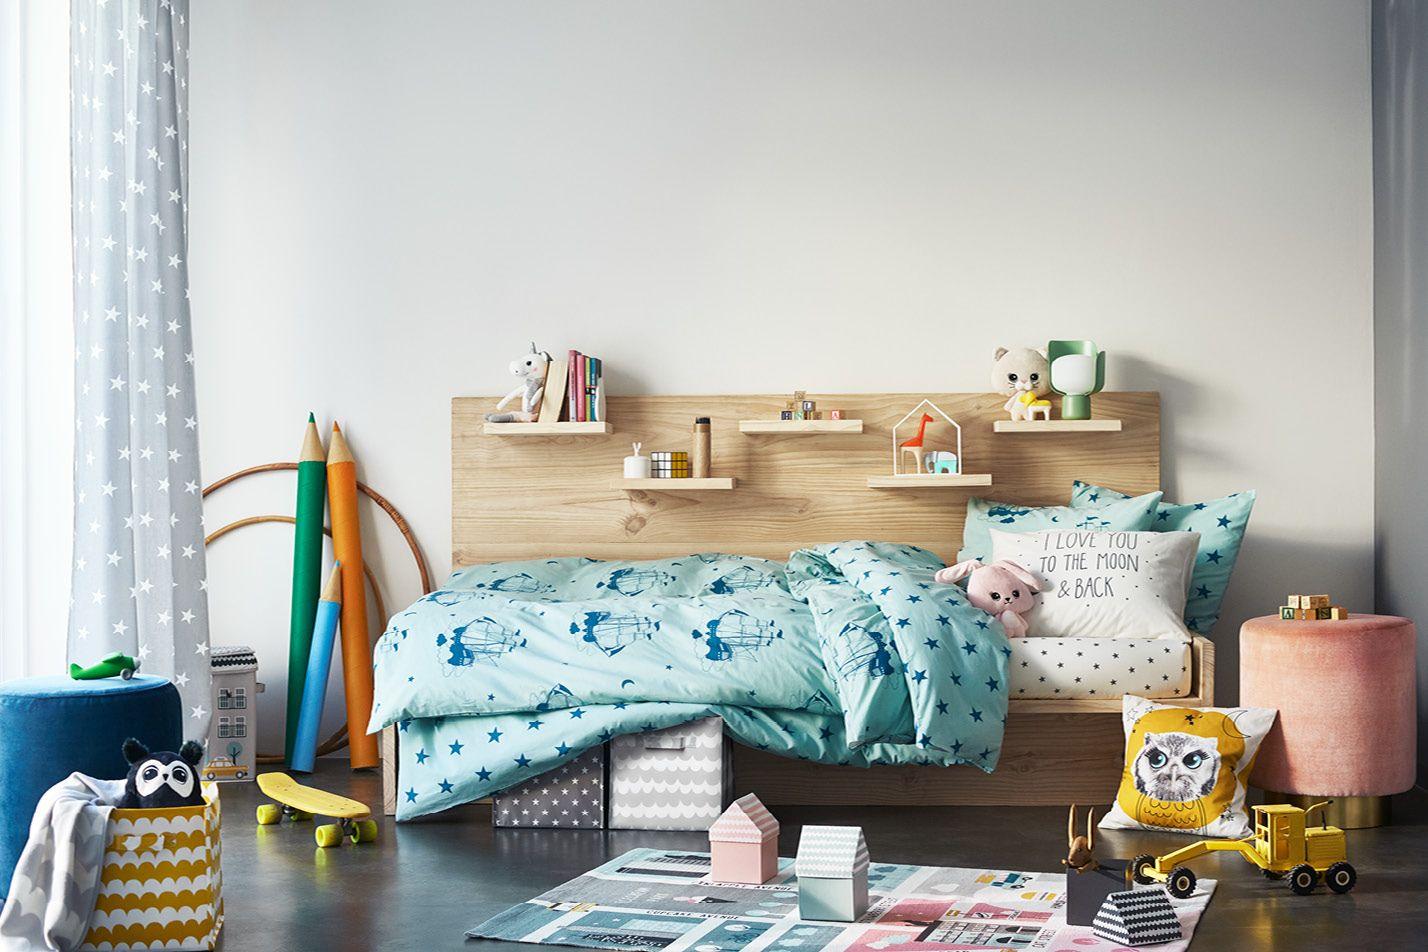 Leikkisiä vuodevaatteita, suloisia pehmoleluja, käytännöllisiä säilytyslaatikoita, värikkäitä mattoja – tutustu uuteen ihastuttavaan mallistoomme hm.comissa